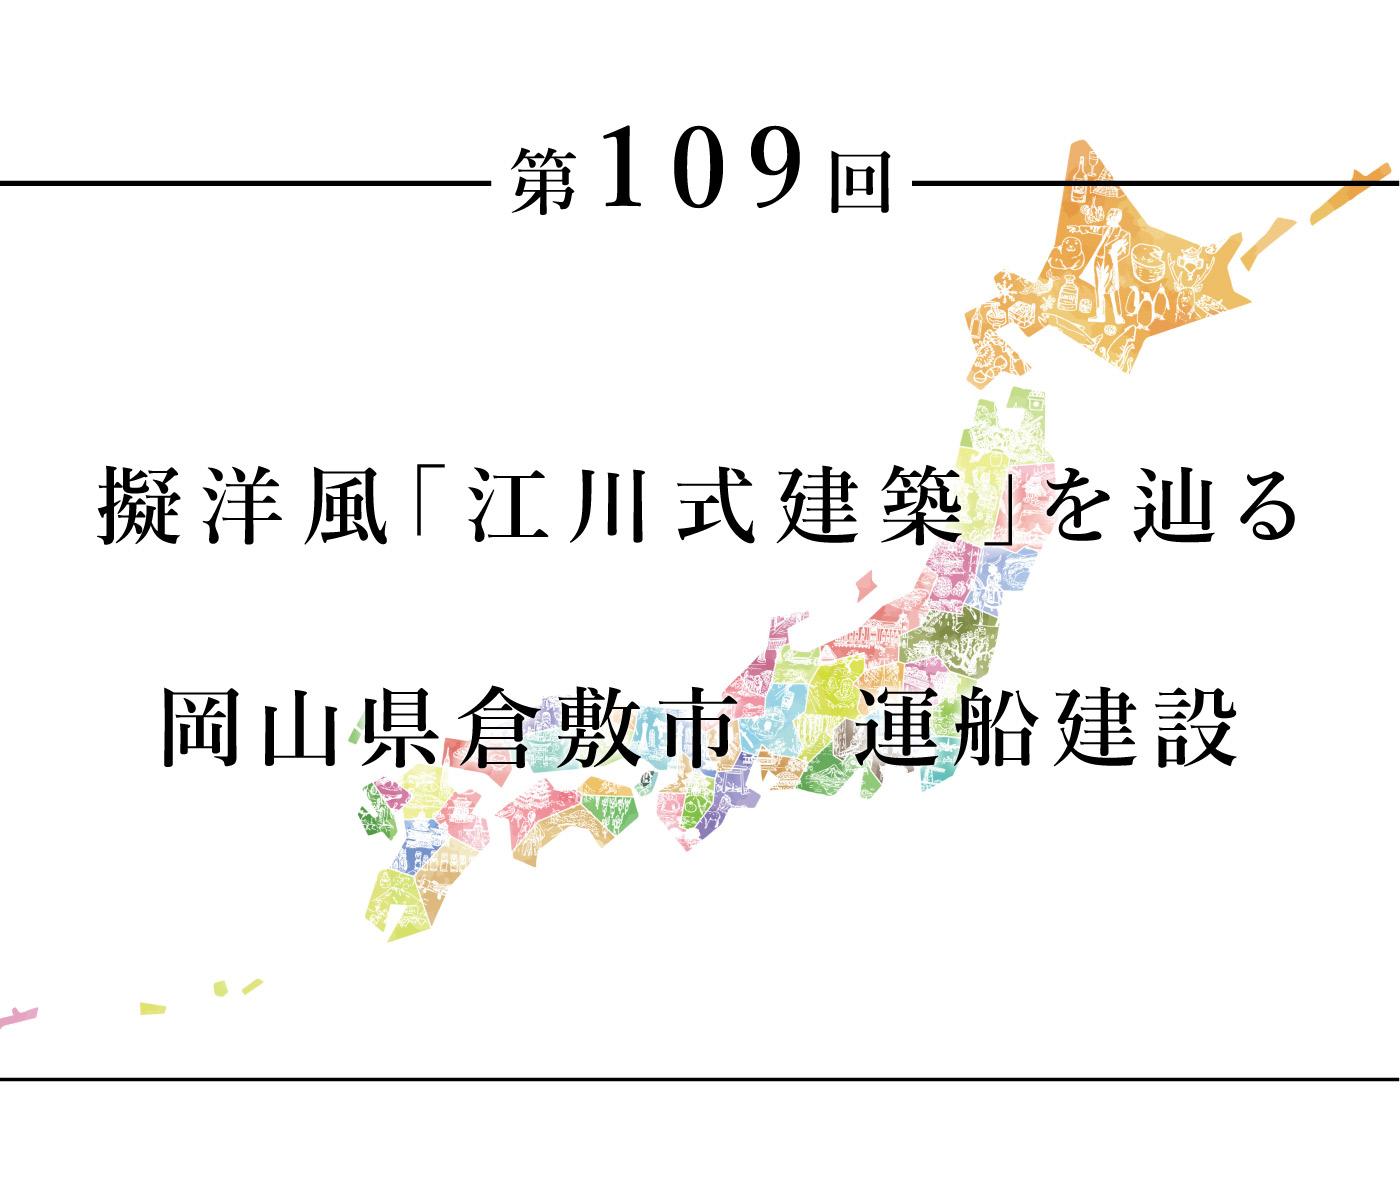 ちいきのたより第109回擬洋風「江川式建築」を辿る岡山県倉敷市運船建設